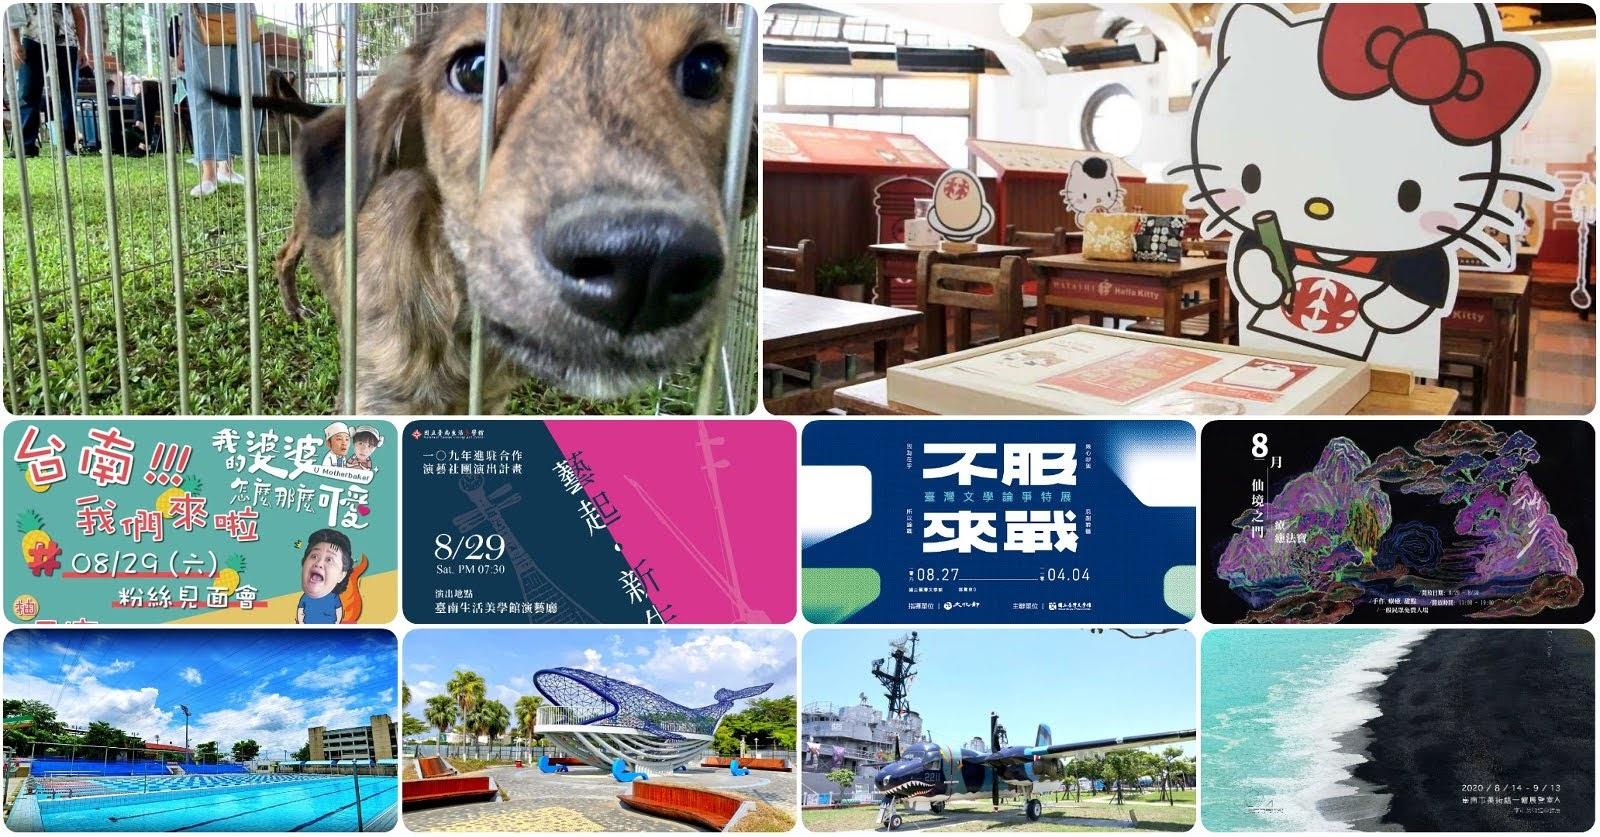 [活動] 2020/8/28-/8/30|台南週末活動整理|本週末活動數:82